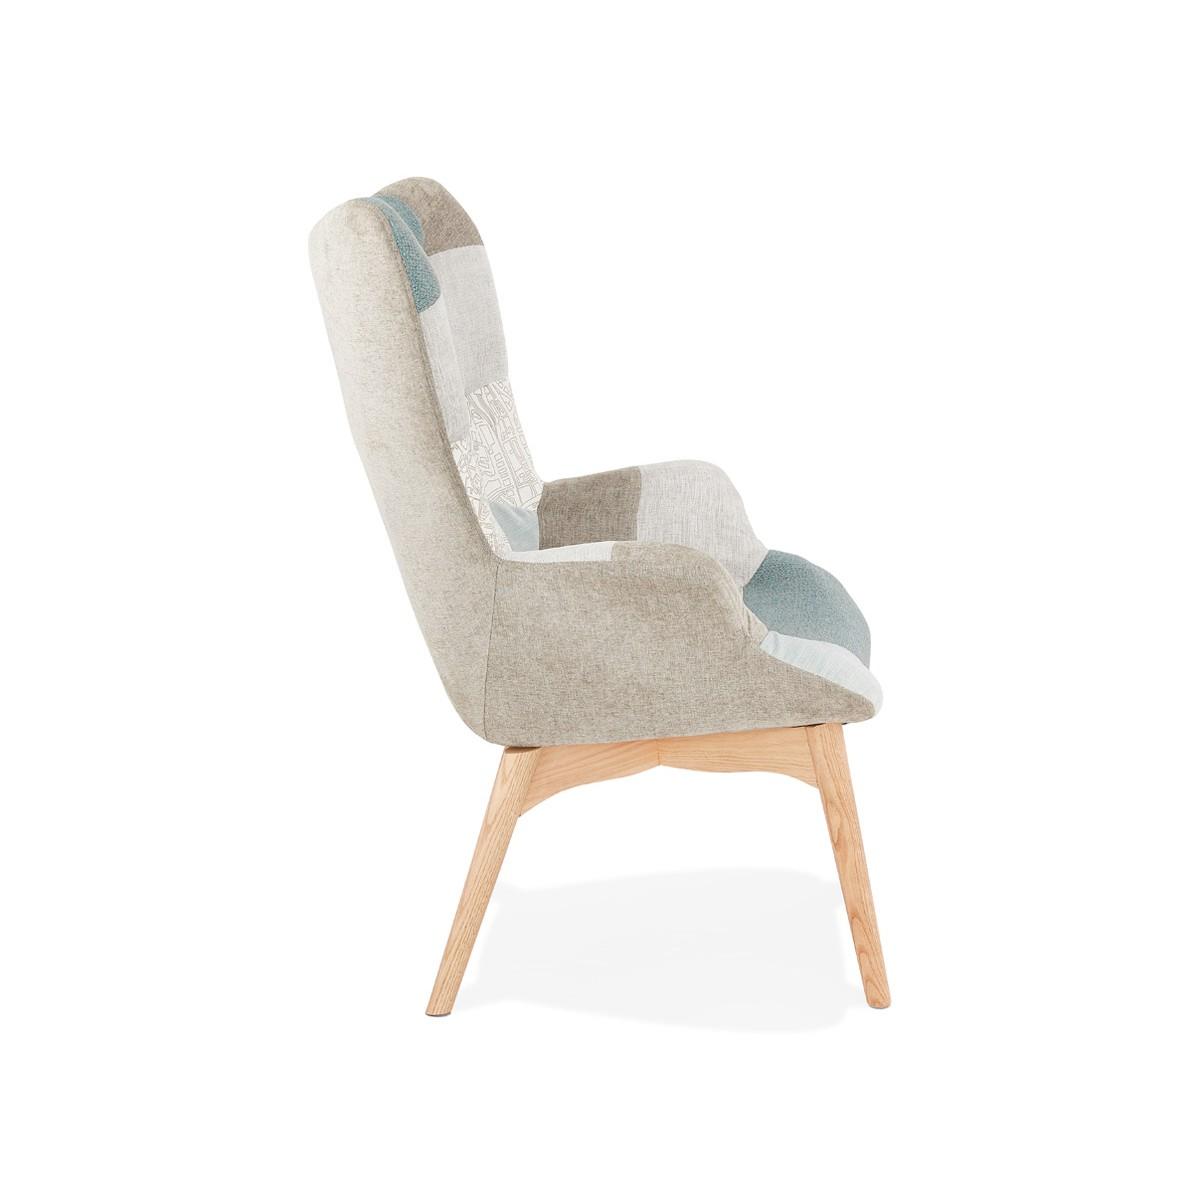 Sedia Patchwork Di Design Scandinavo Lotus Blu Grigio Beige